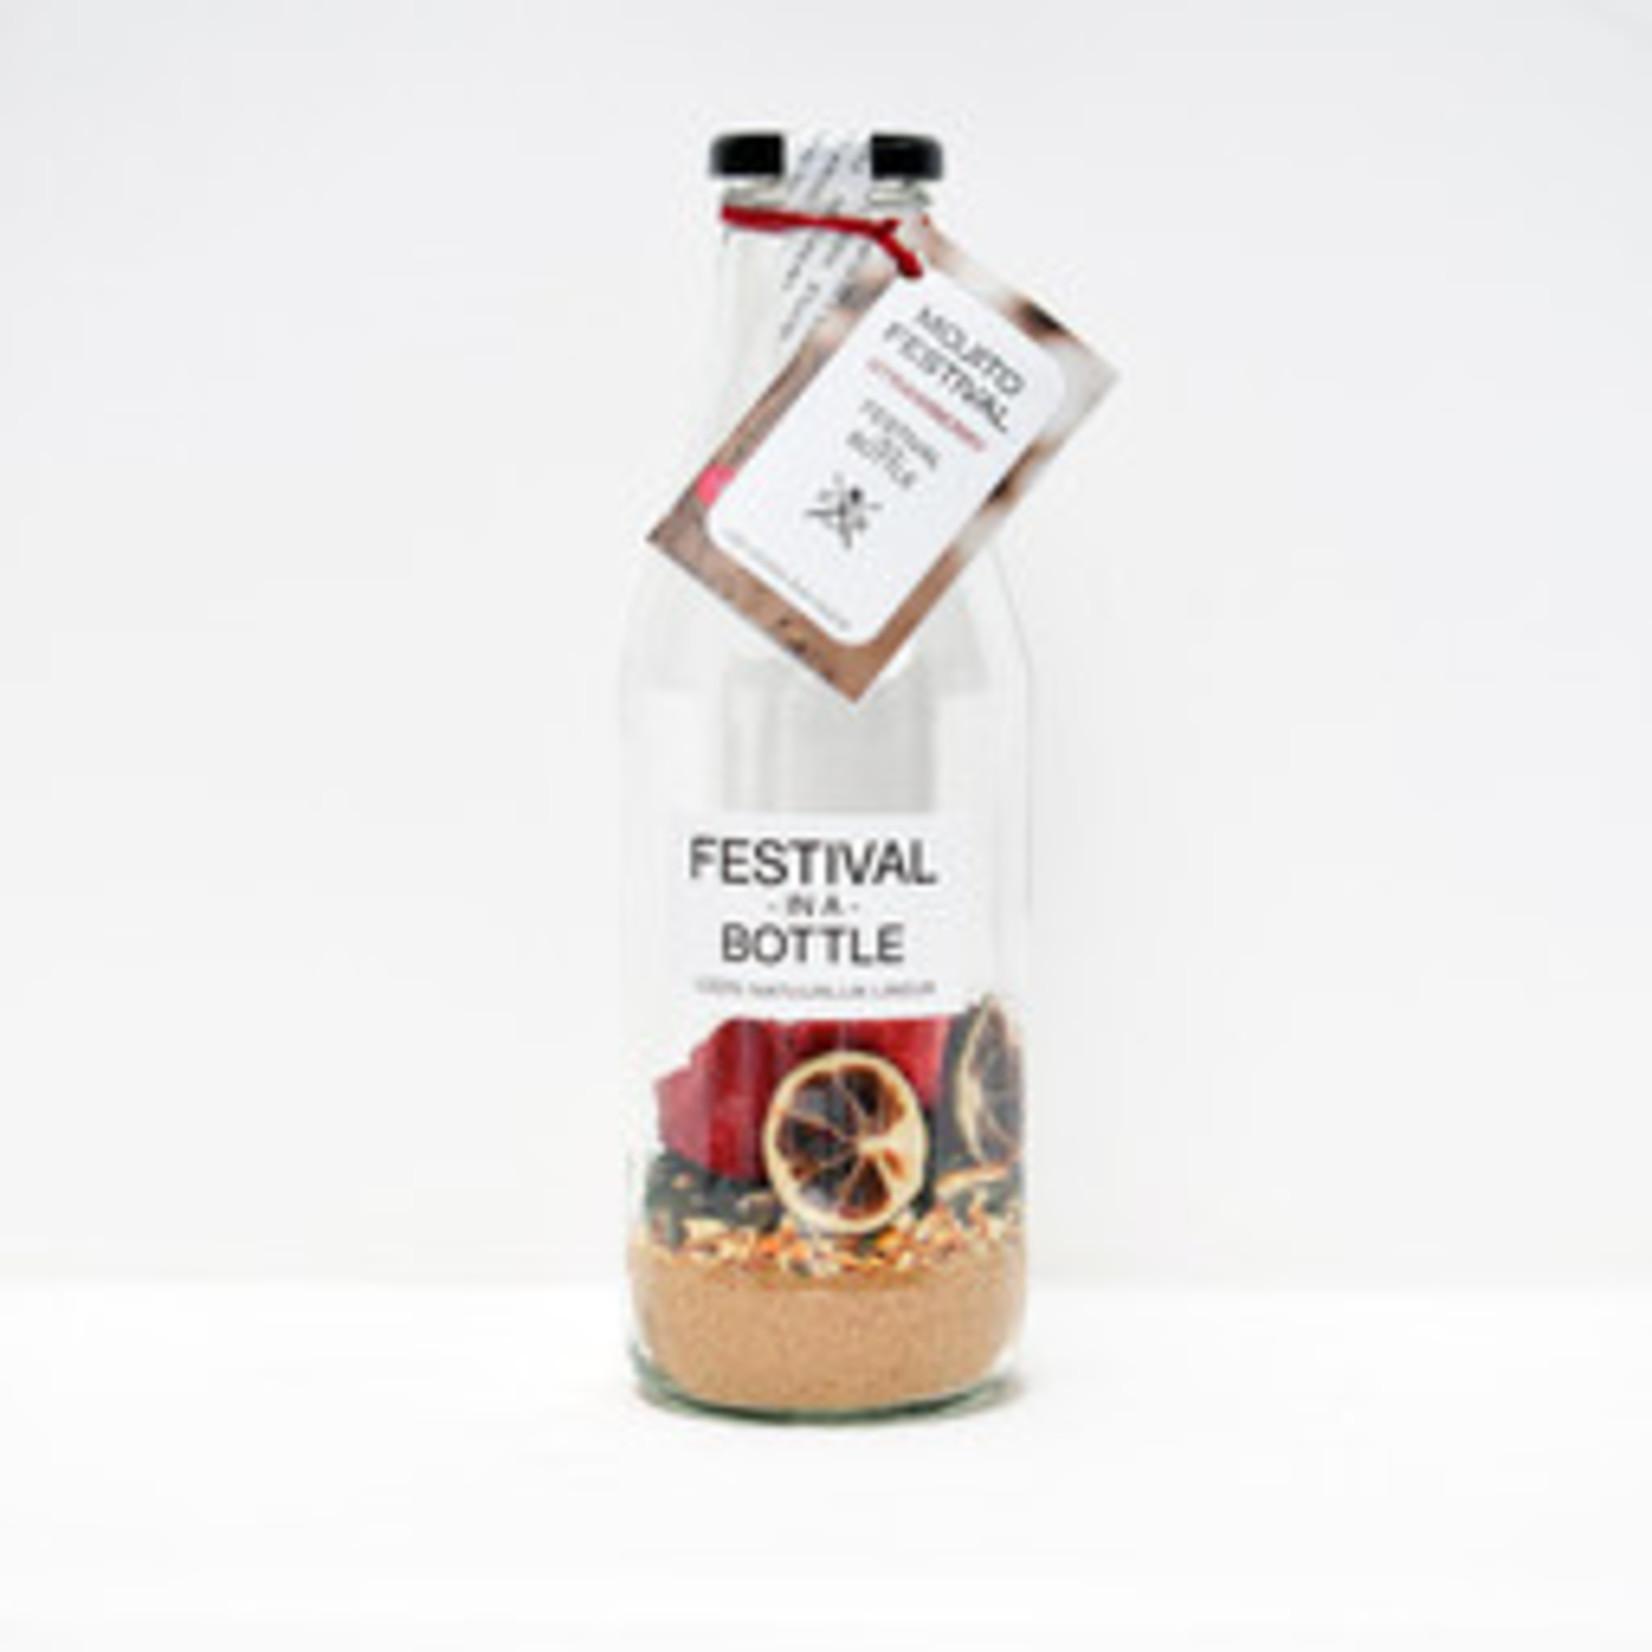 Mojito Strawberry Festival - Festival in a Bottle